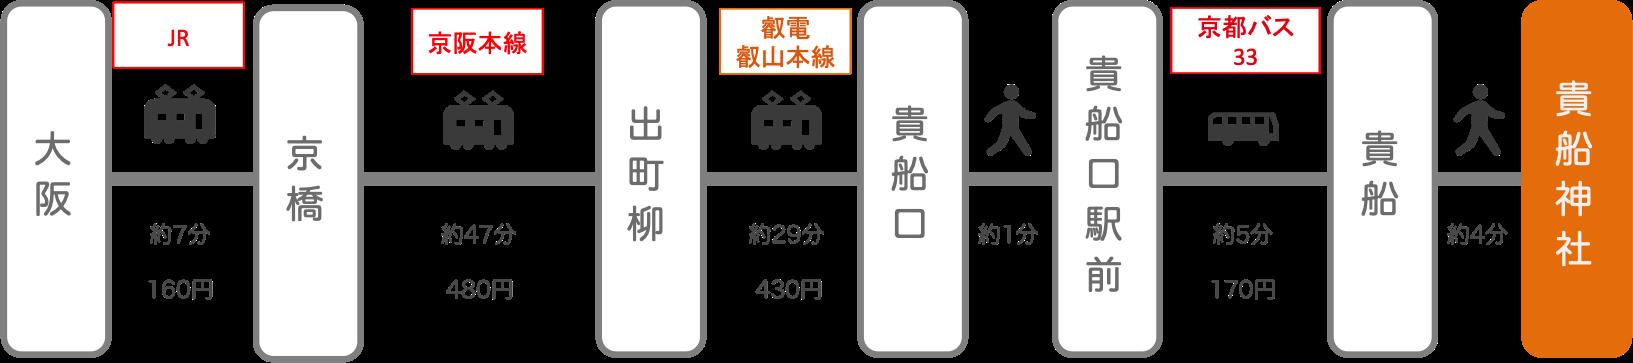 貴船神社_梅田(大阪)_電車とバス